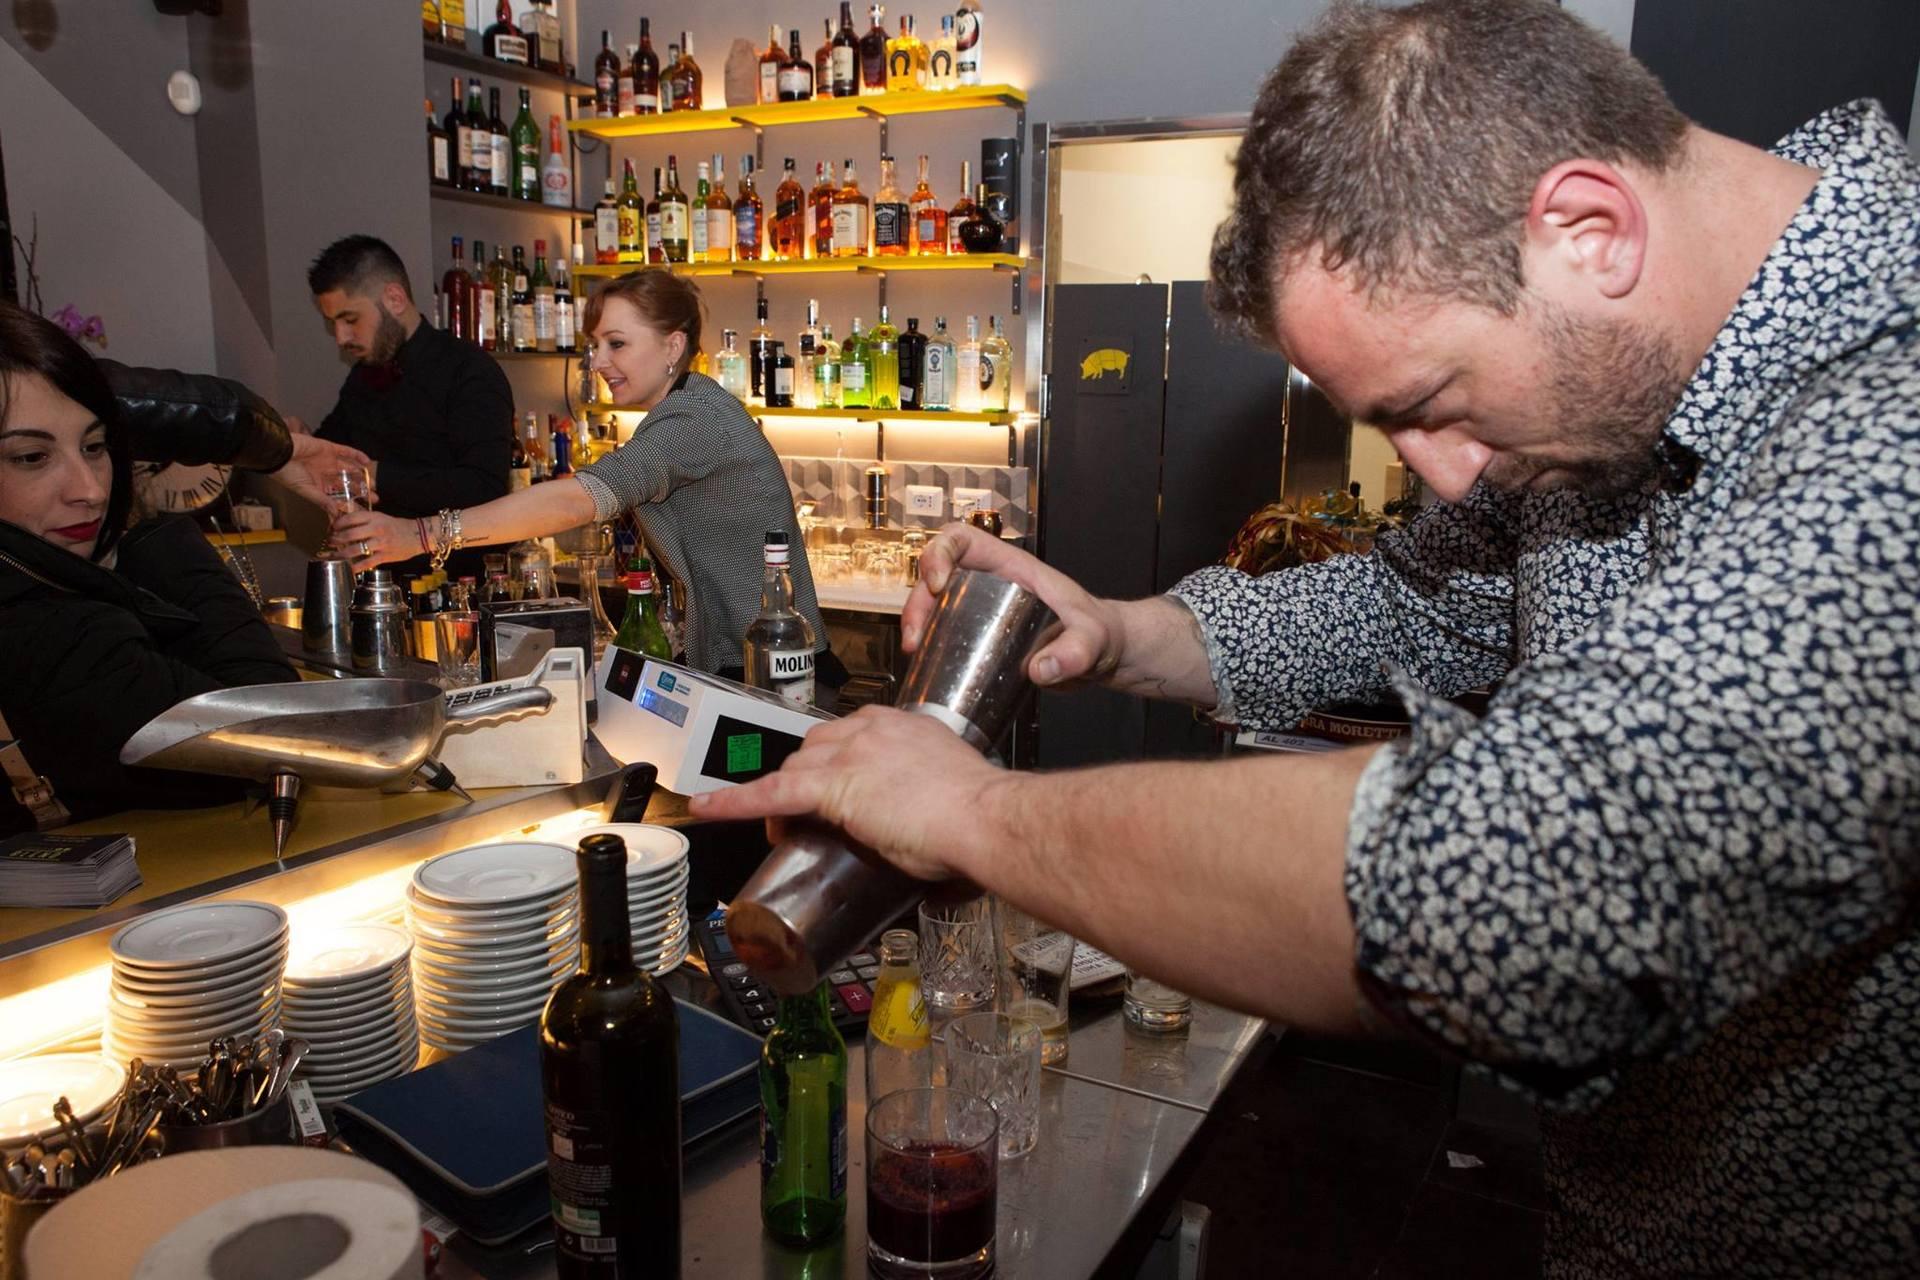 cliente in un bar durante prepara vino